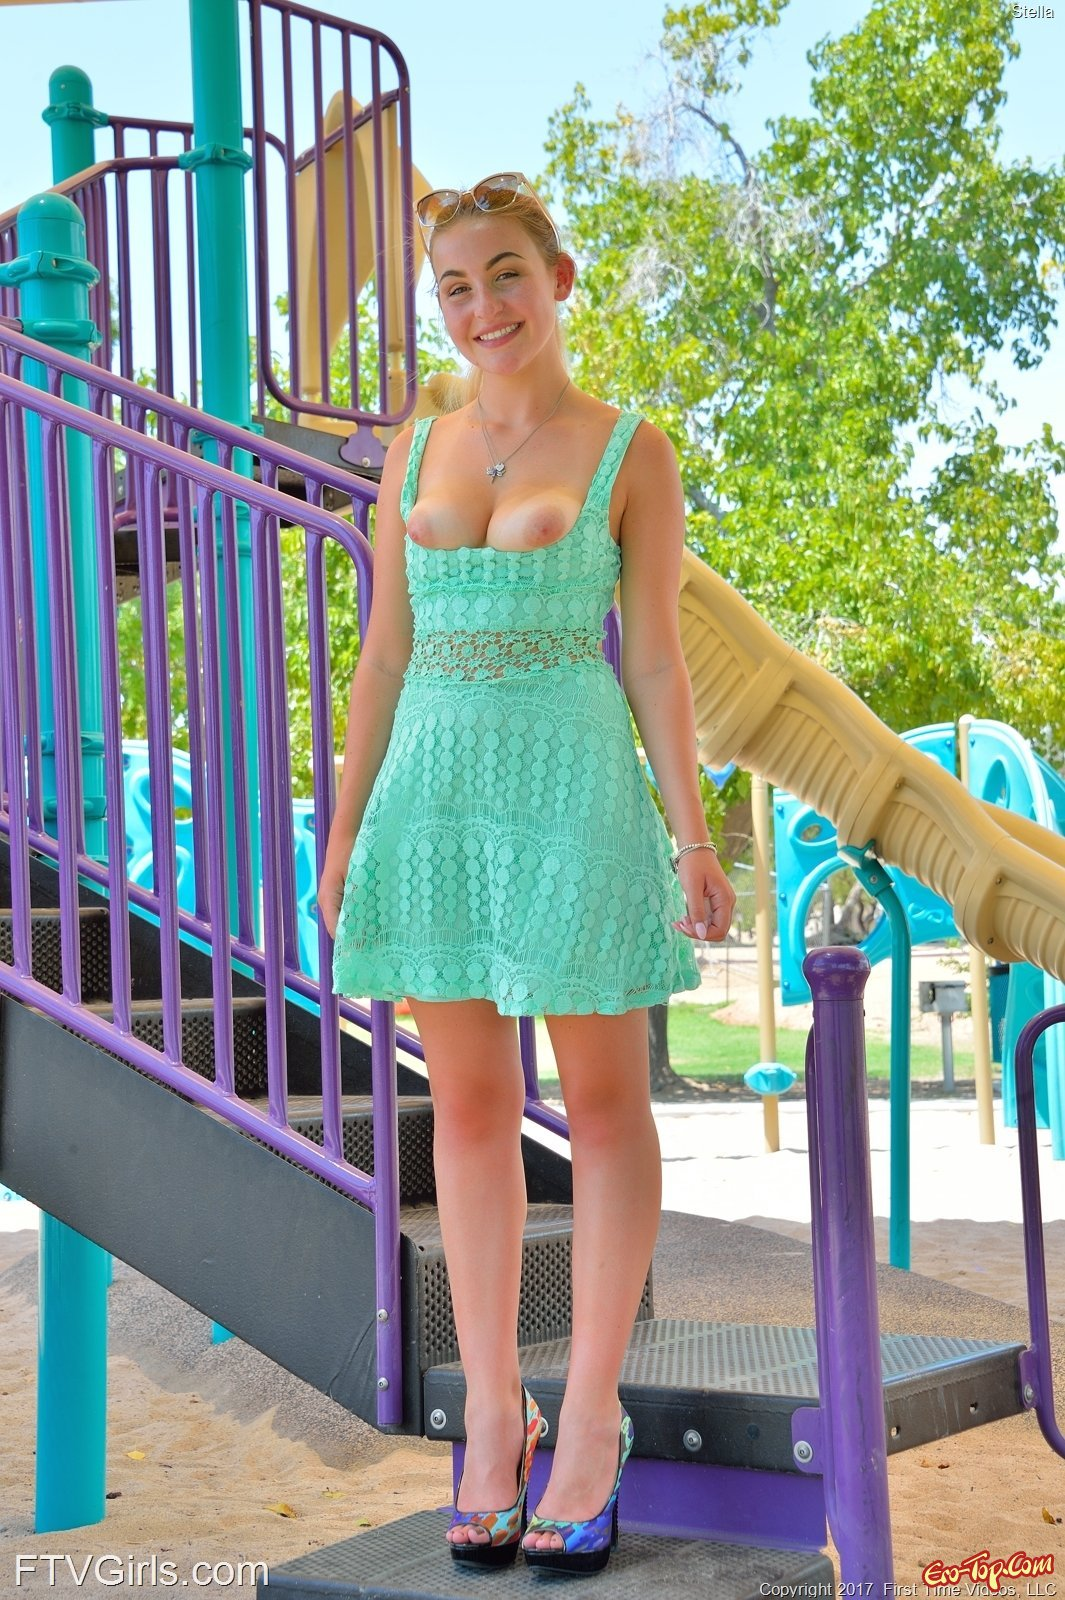 Девушка в платье без трусиков показа бритую киску